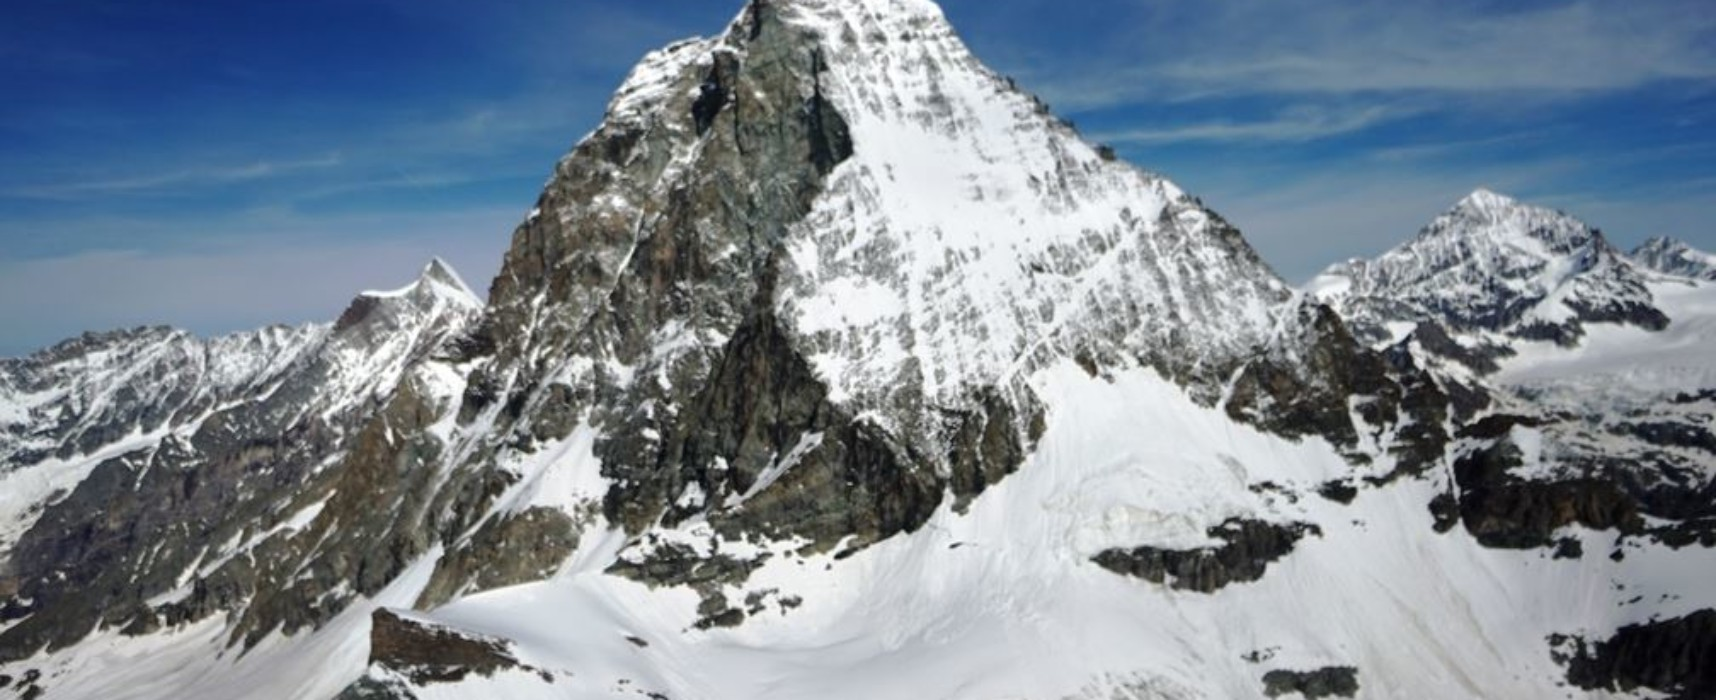 Bergunfall am Matterhorn/Zermatt: